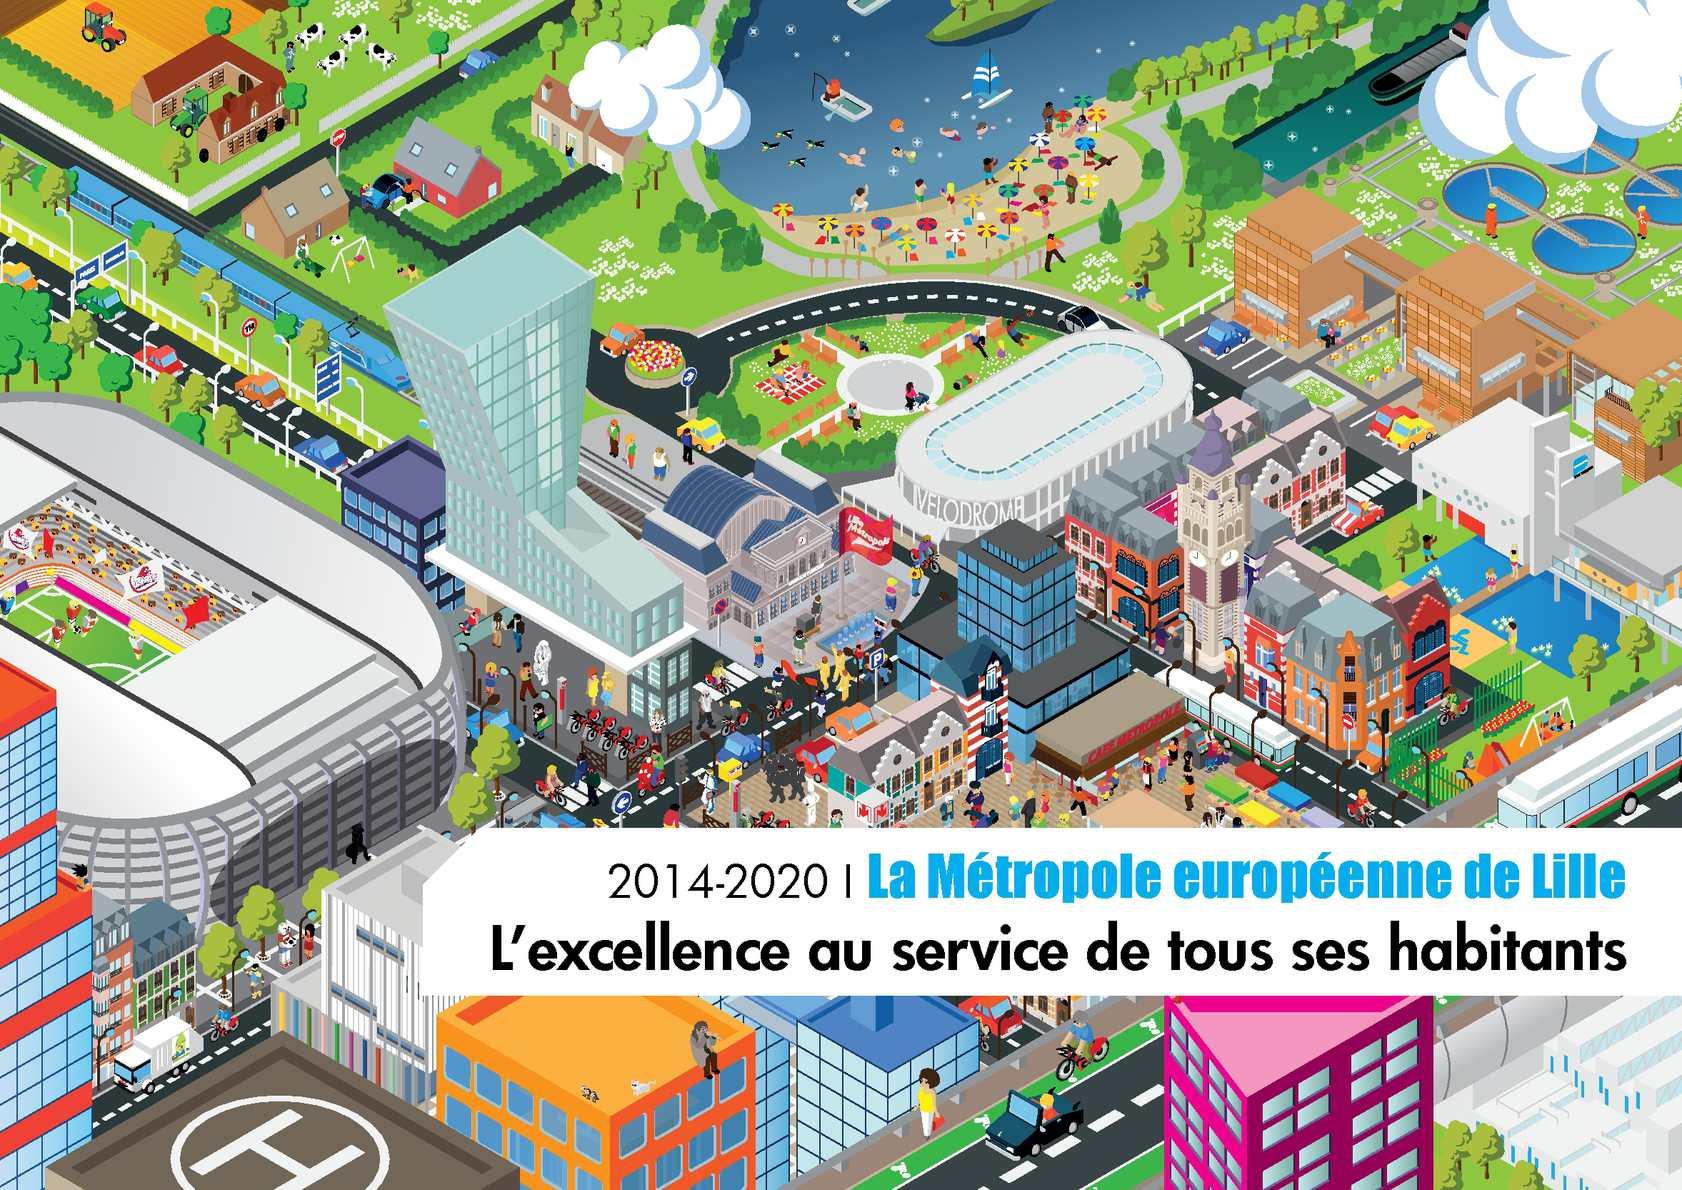 Calaméo 2014 2020 La Métropole européenne de Lille par Martine